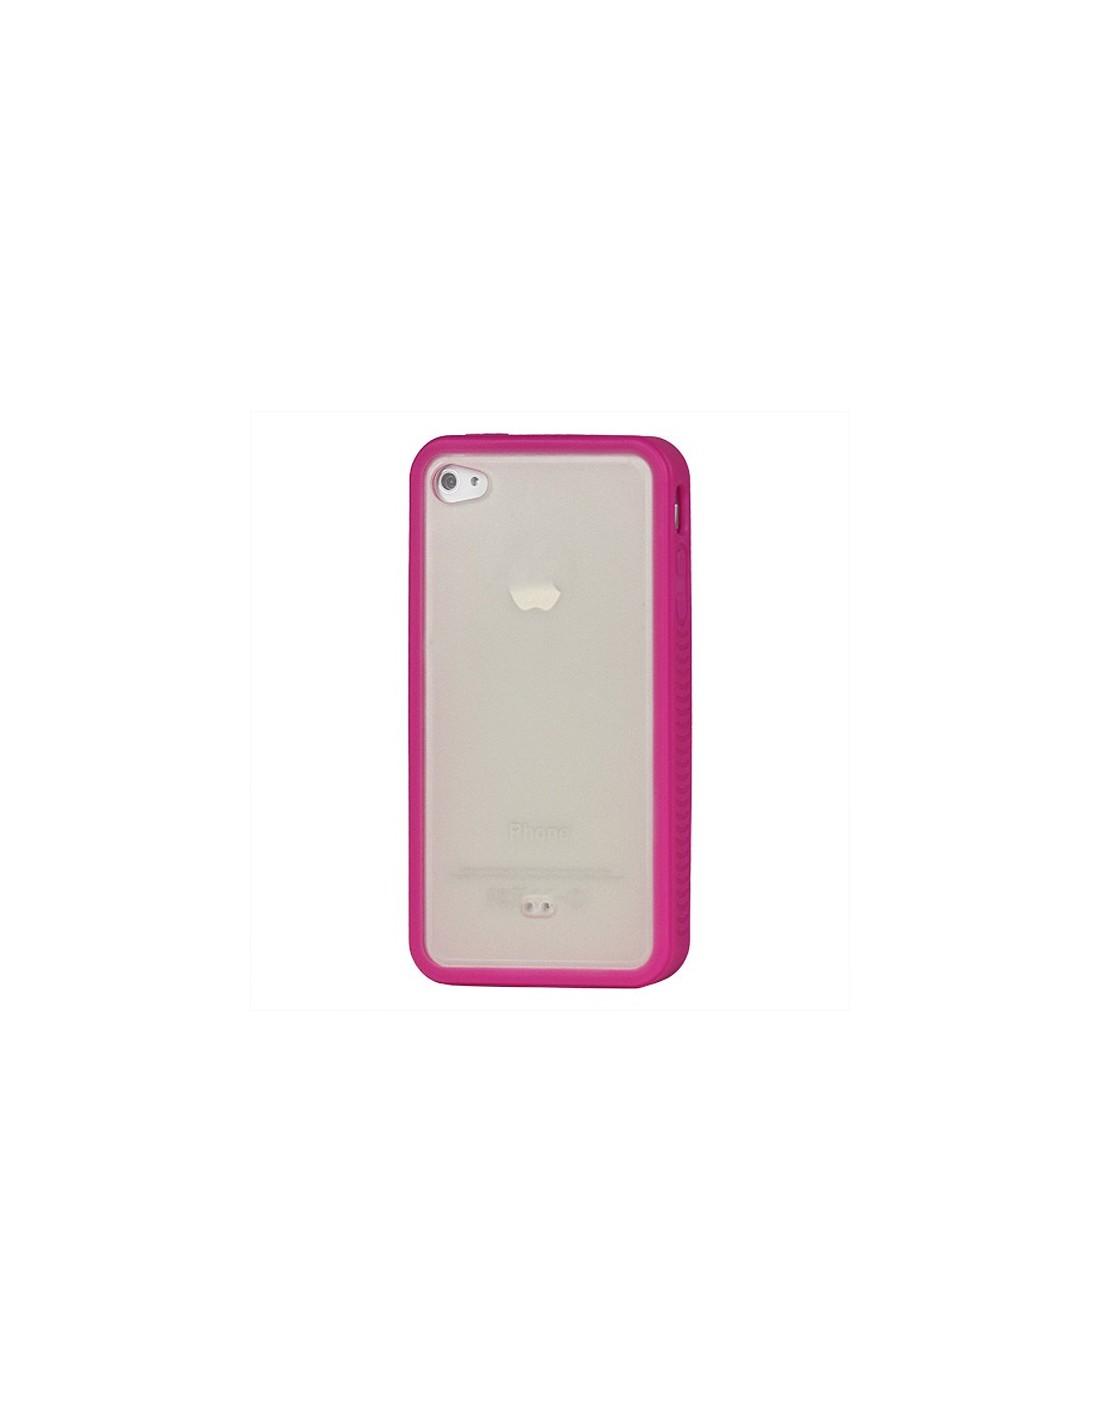 coque iphone 4 et 4s style bumper avec arriere transparent